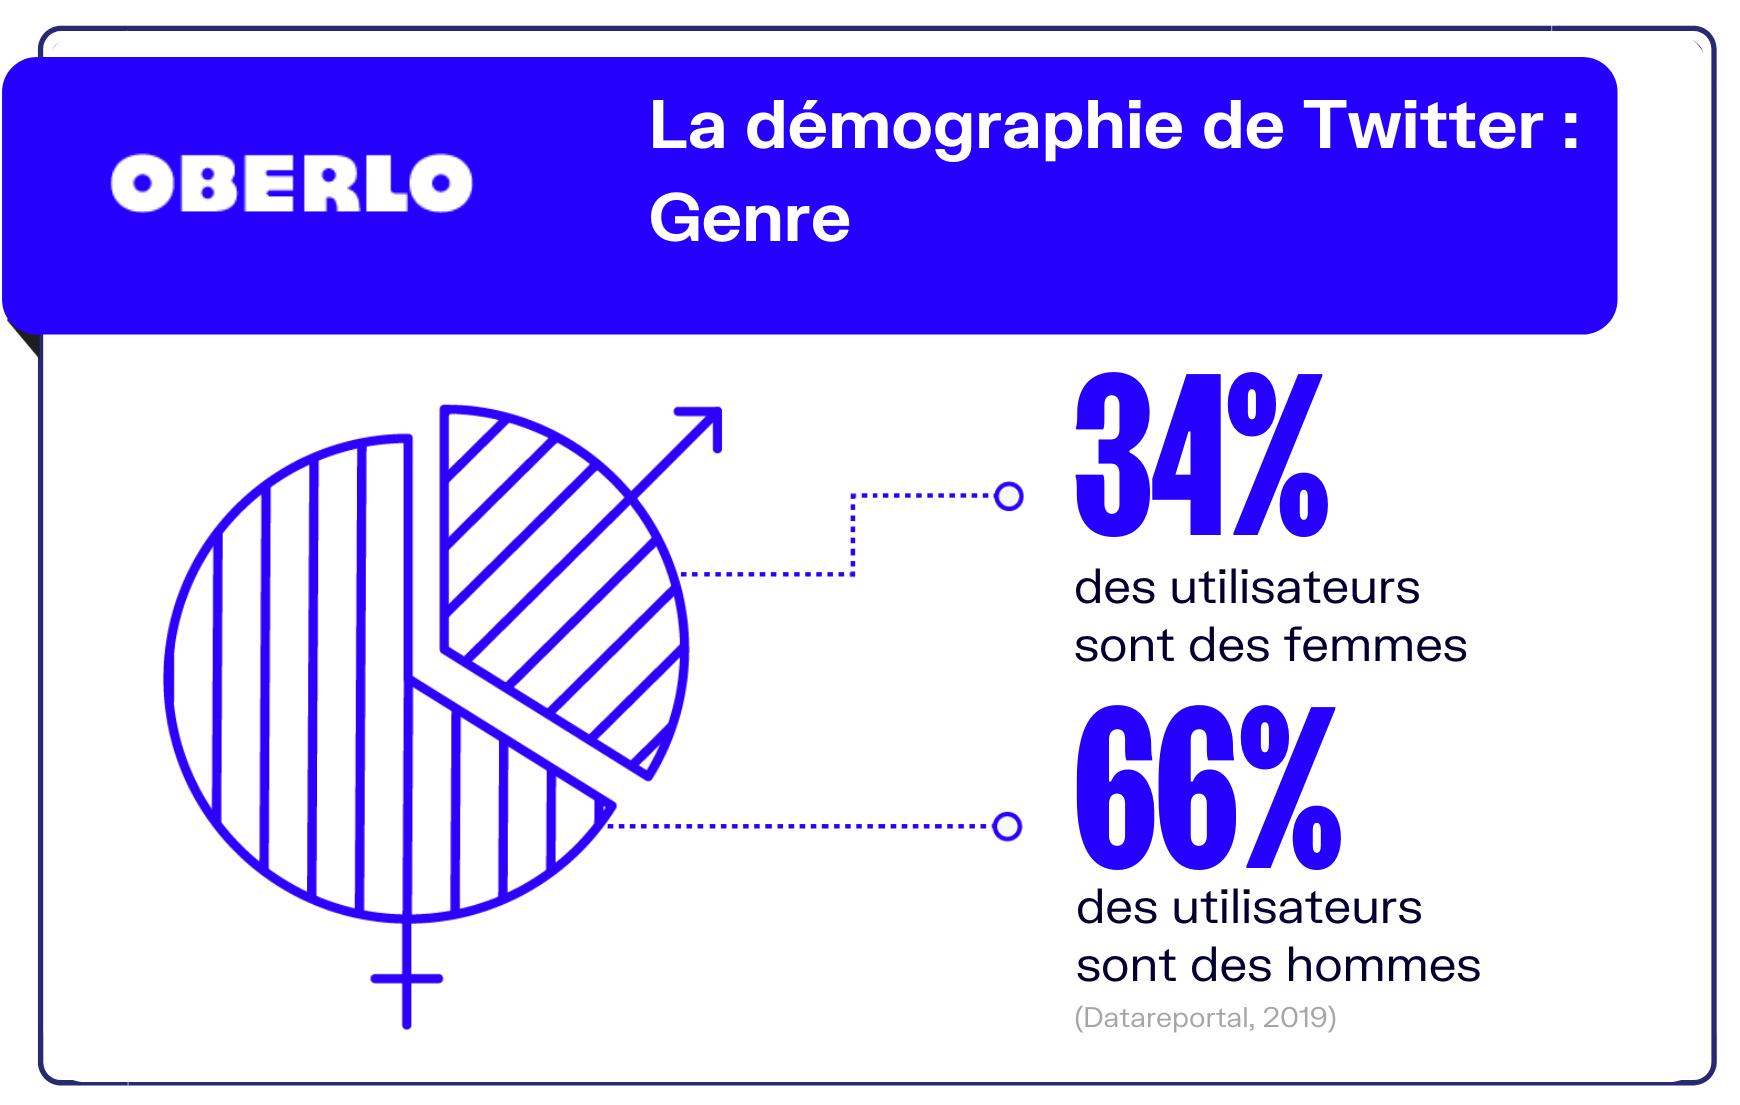 twitter statistiques démographiques